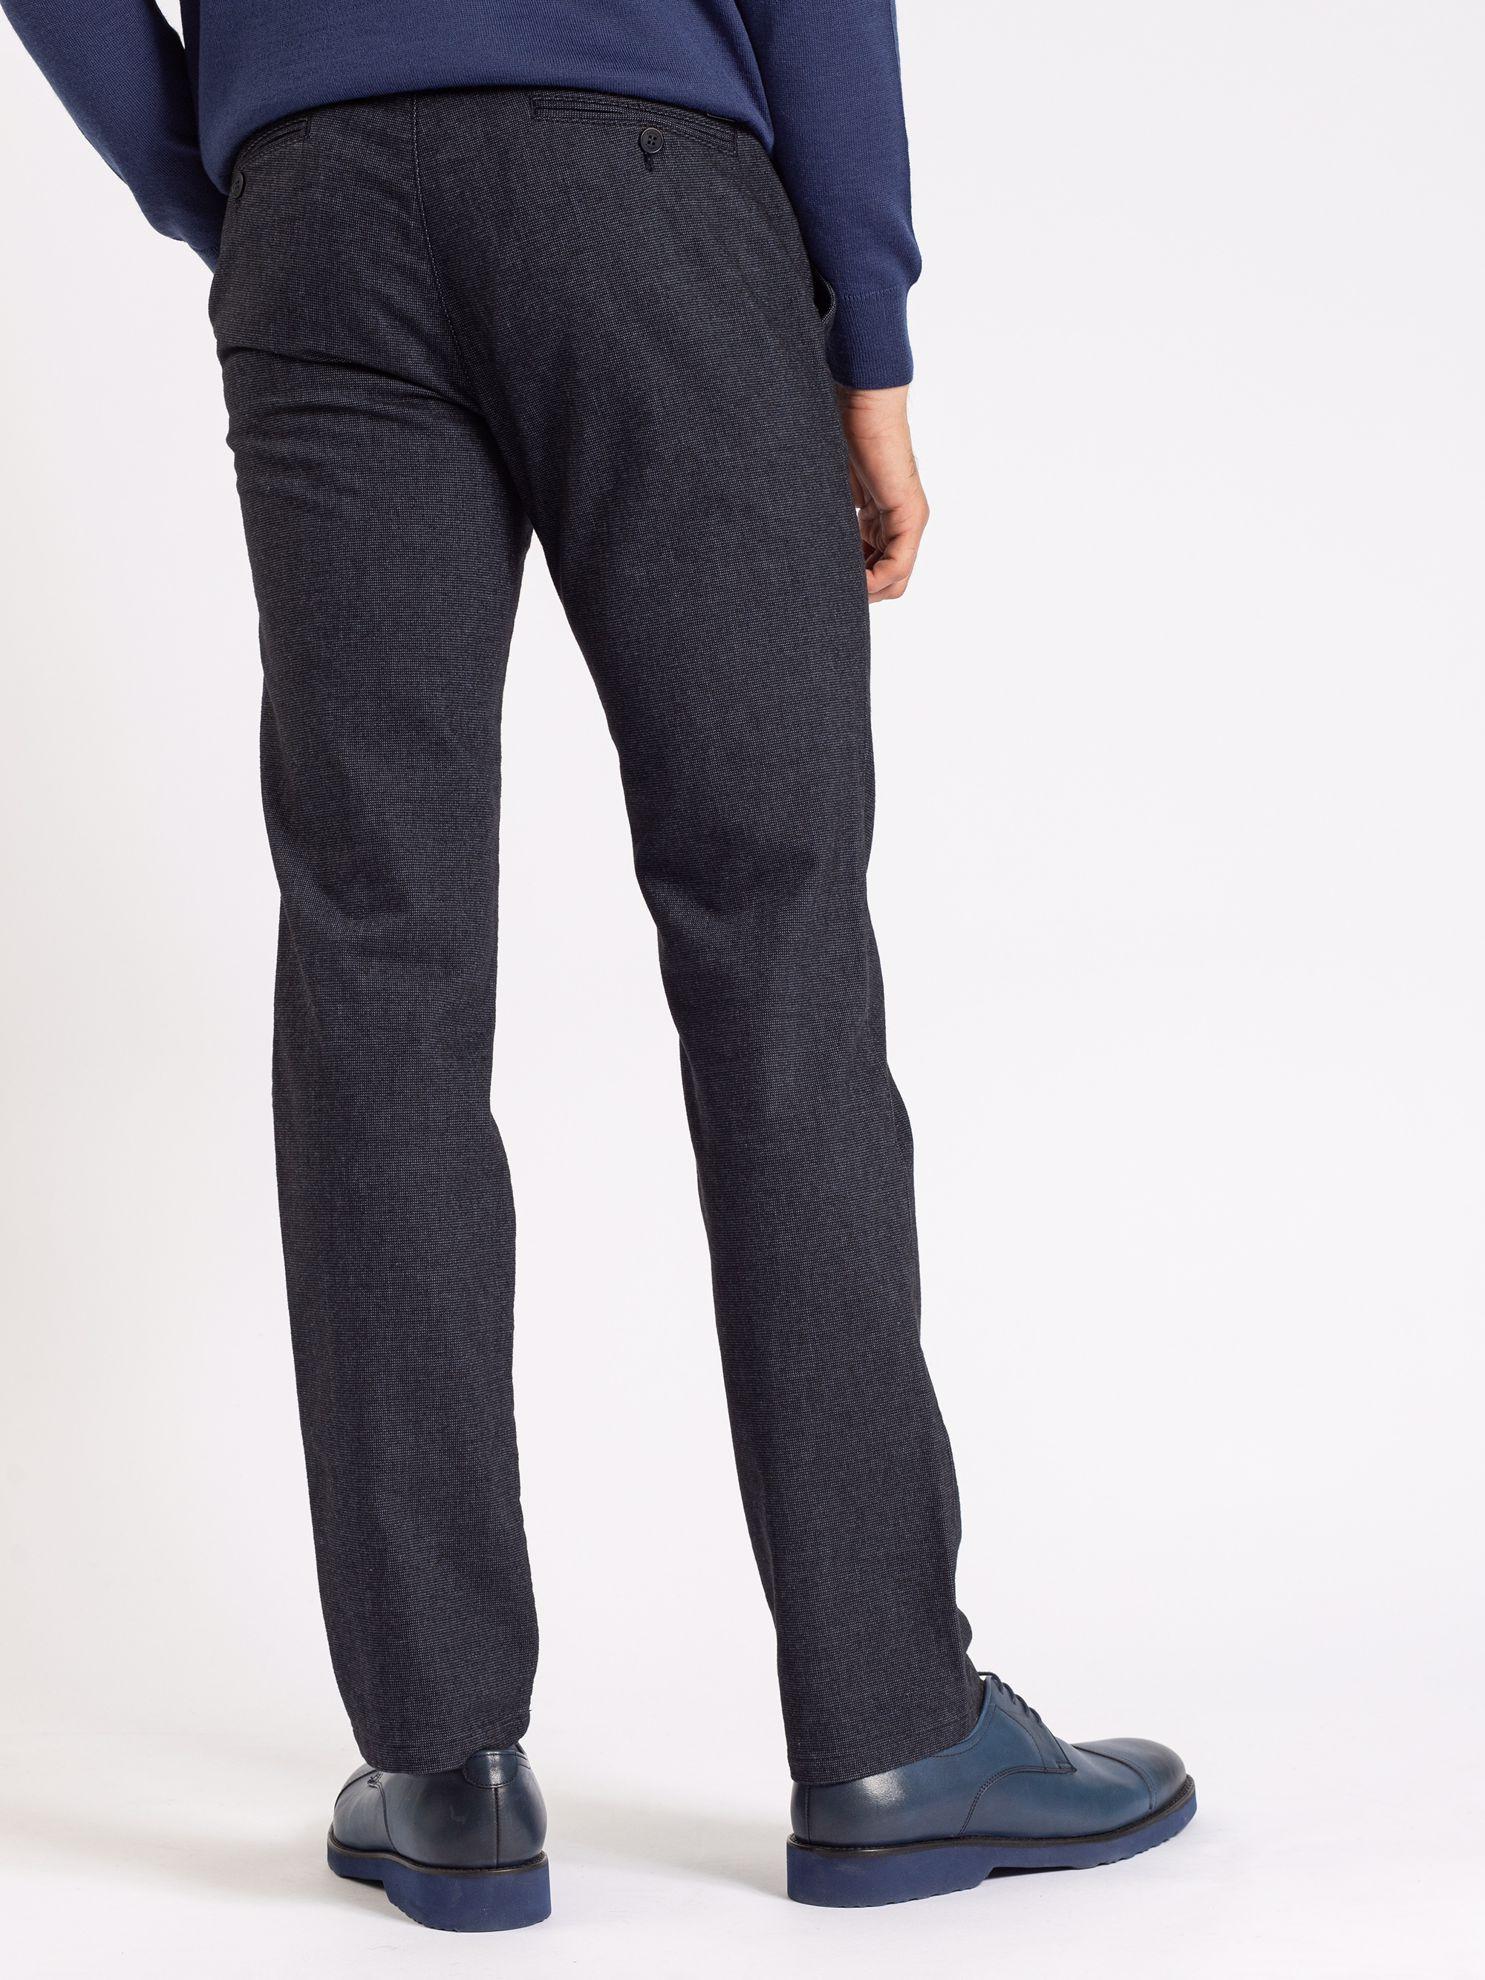 Karaca Erkek 6 Drop Pantolon-Petrol. ürün görseli